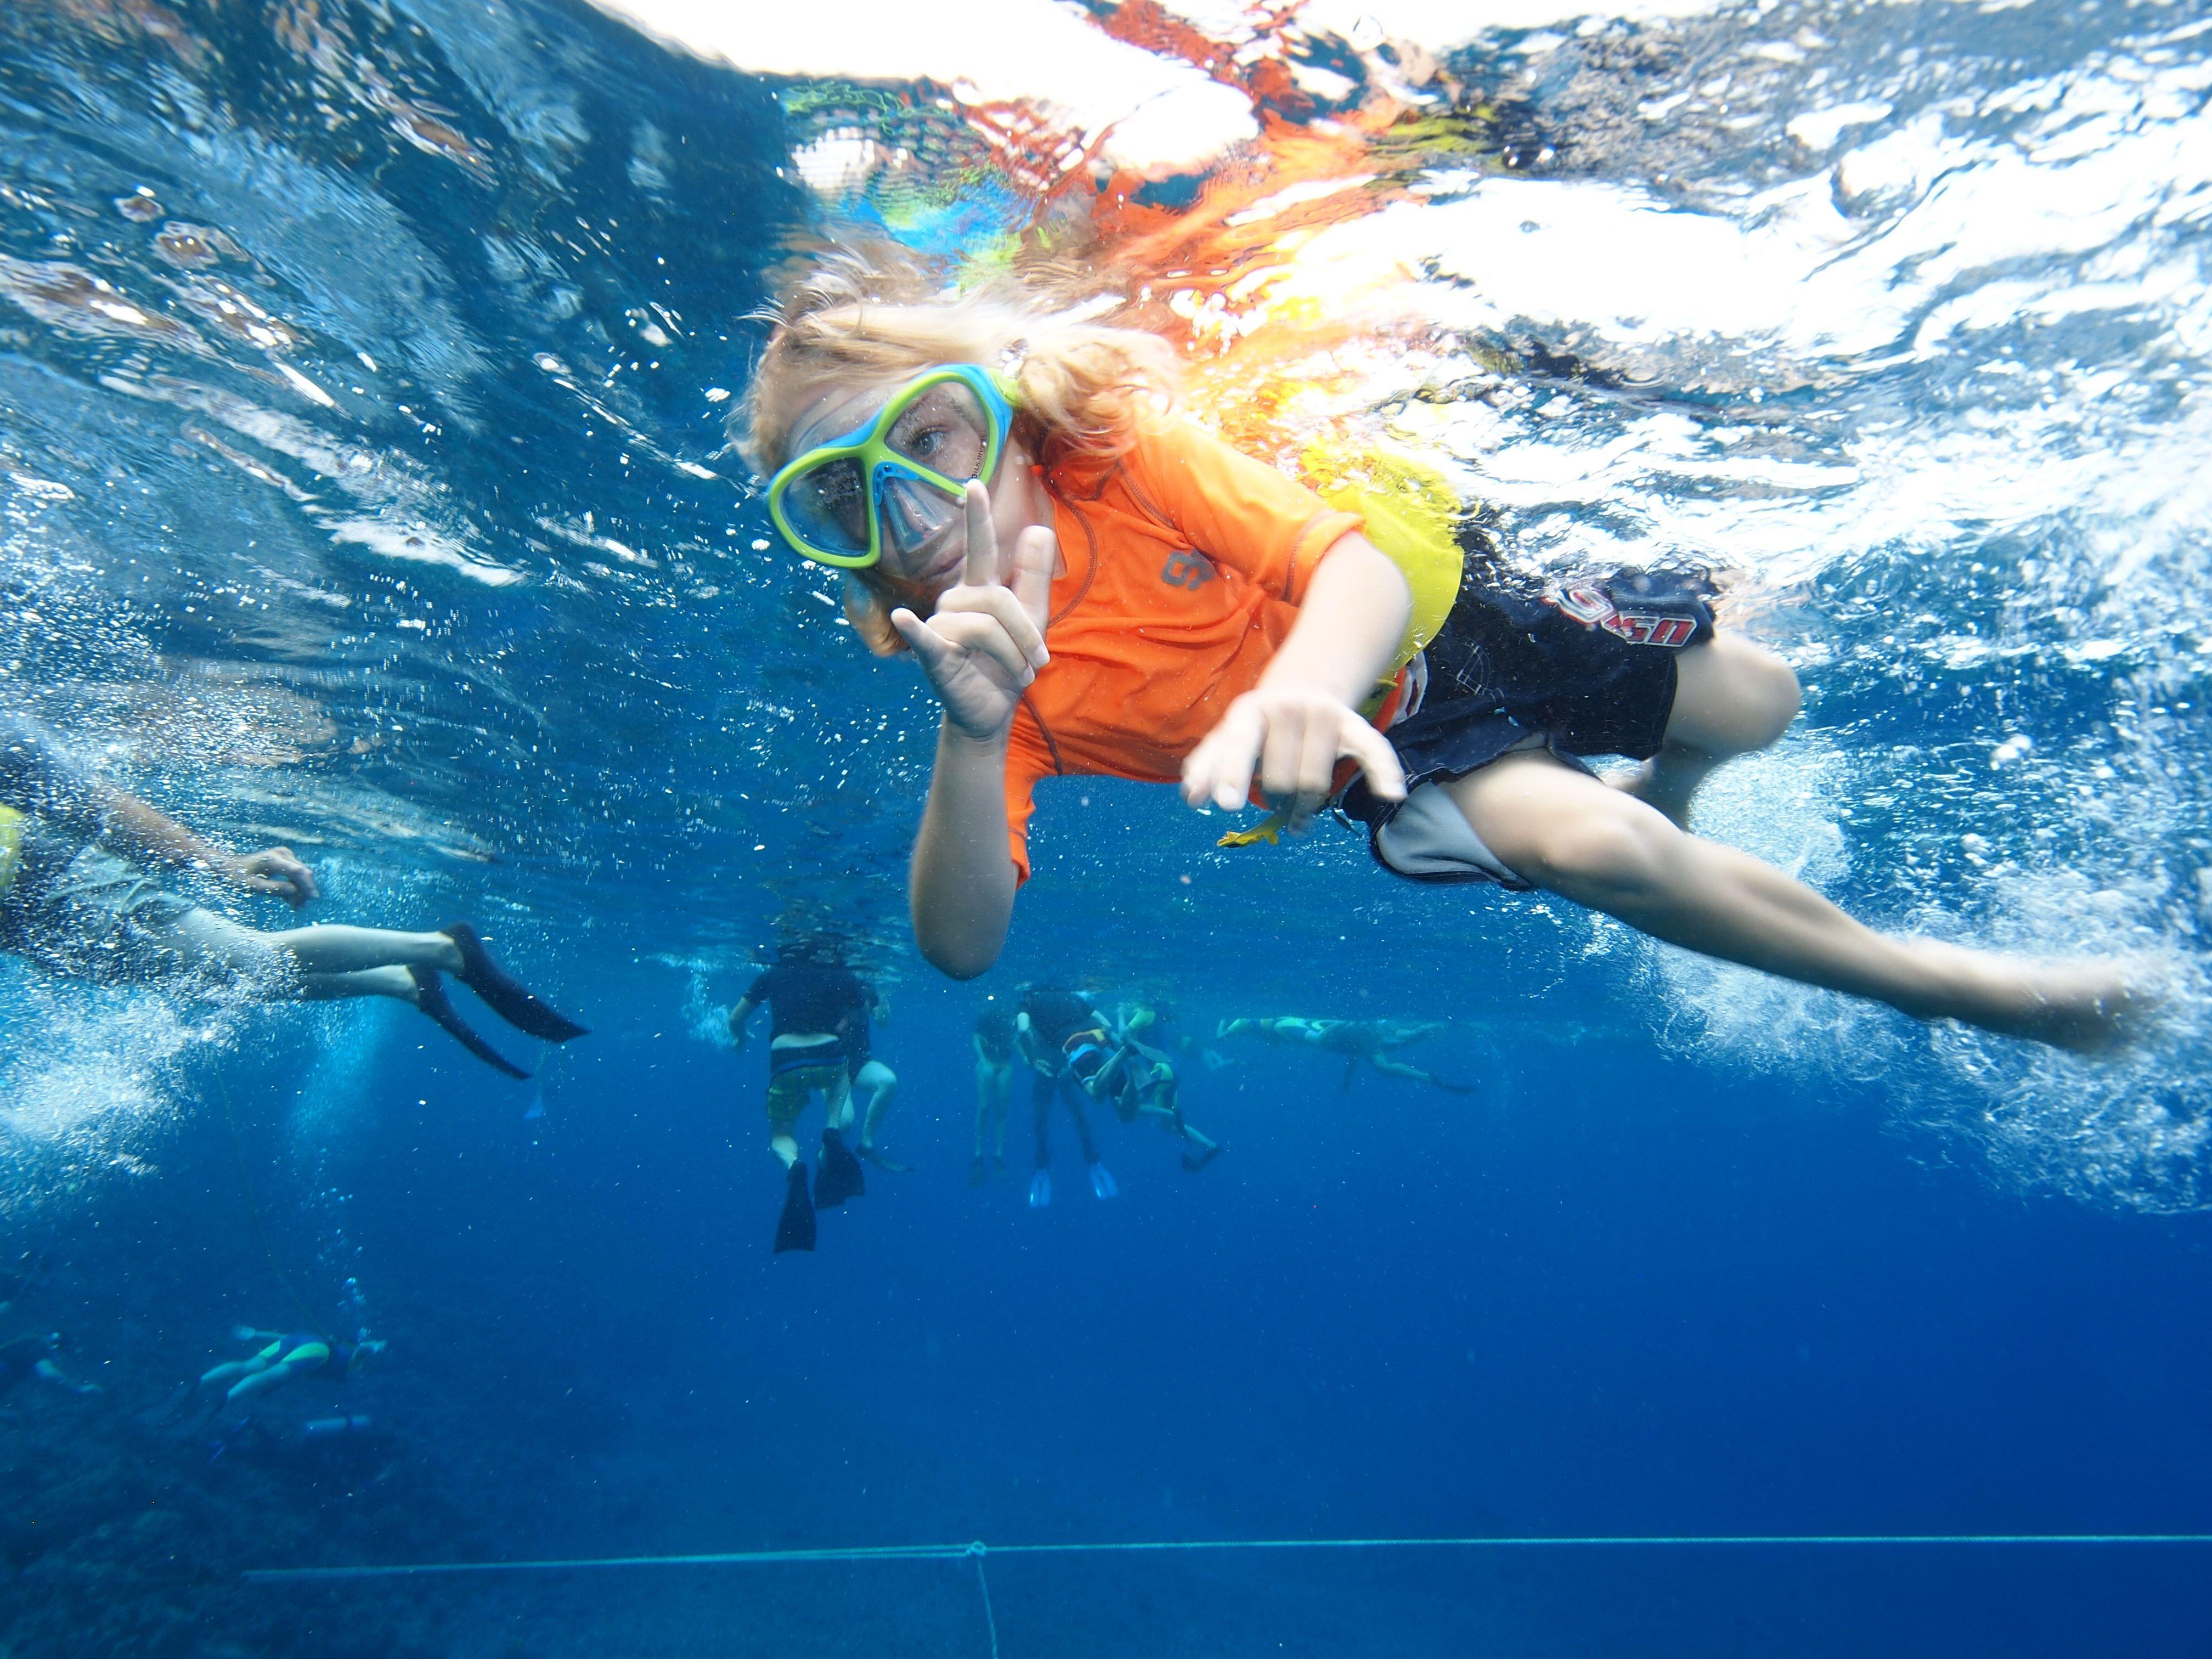 Tours, Snorkeling, Cool Kids